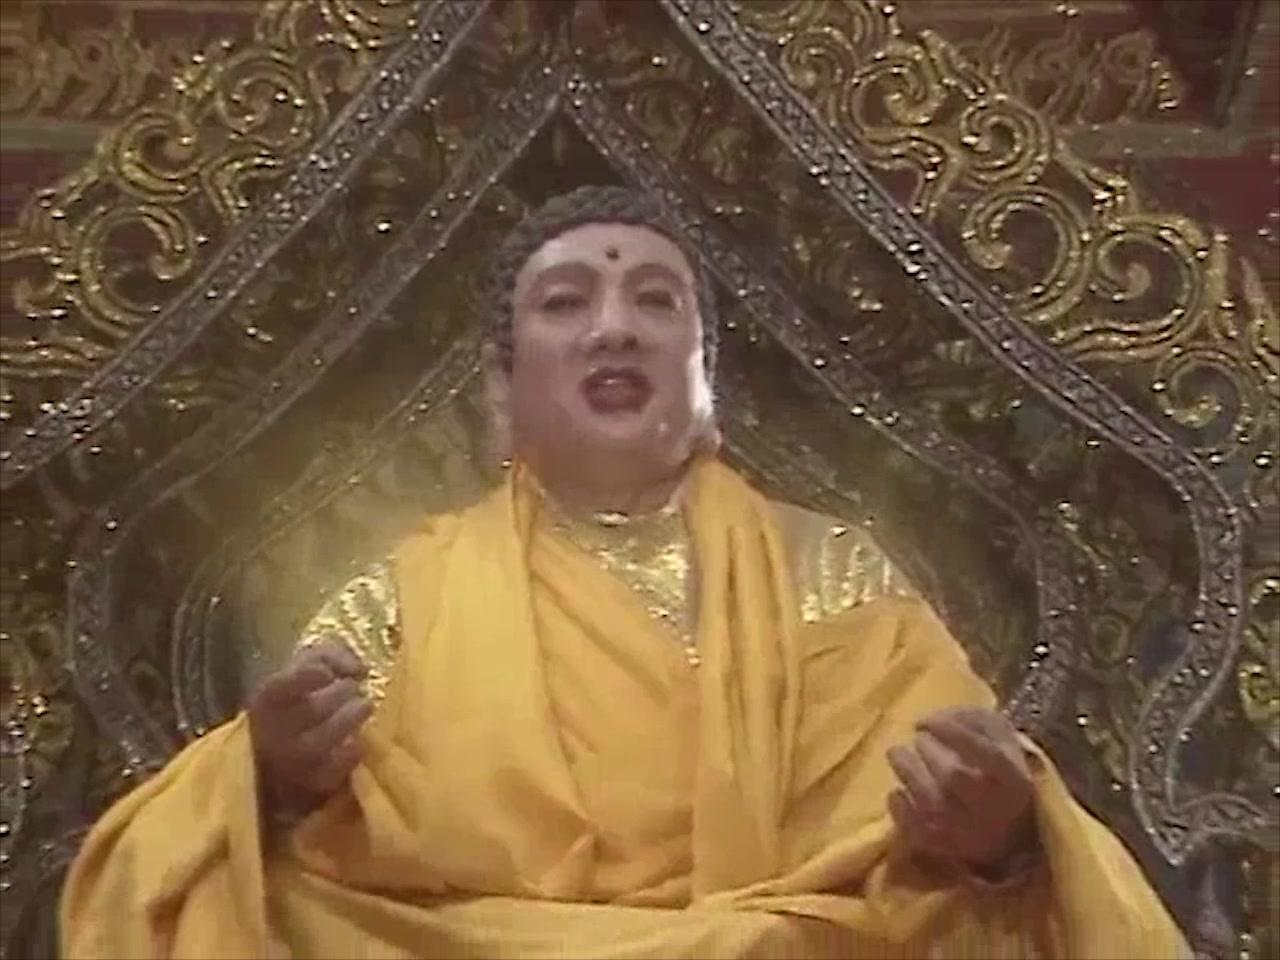 亲们给个,西游记结局佛祖为什么要人事呢,尤其感谢图片